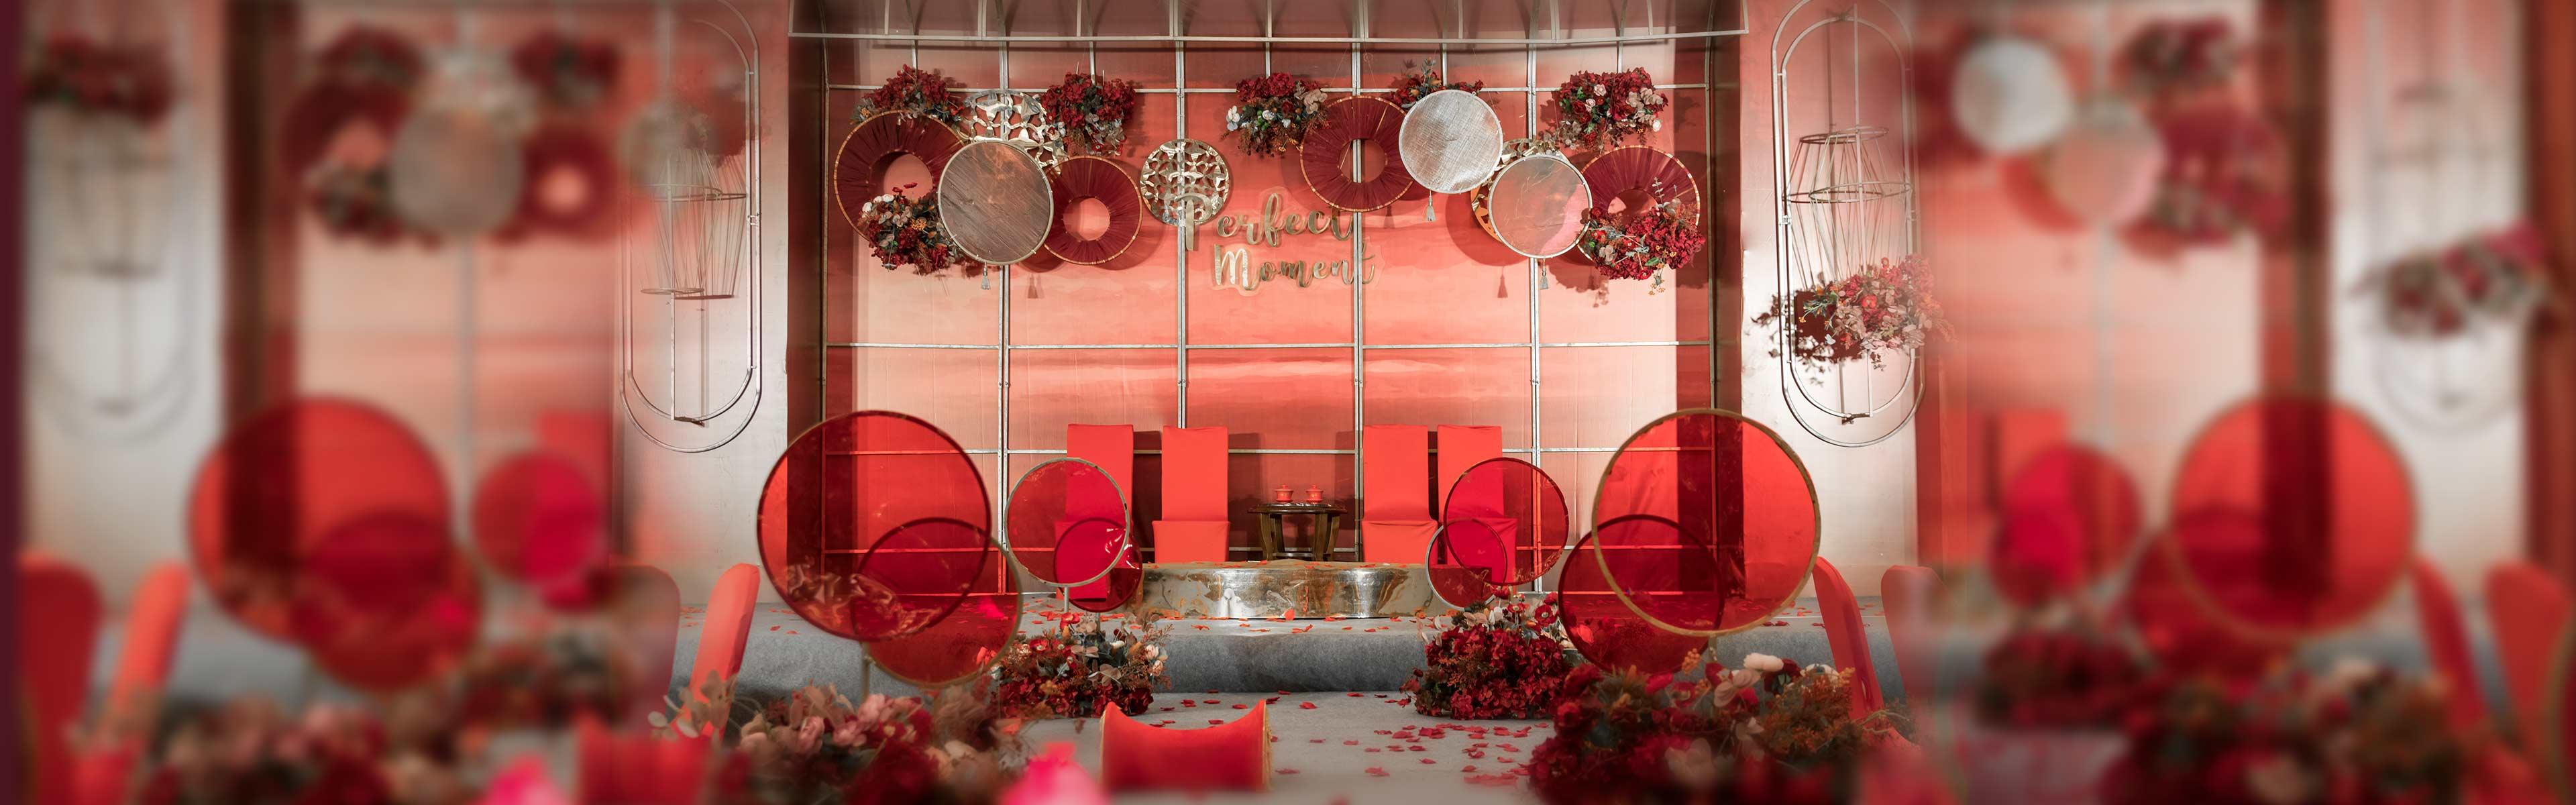 蚌埠市婚庆策划案例:相拥 | 湖南  长沙